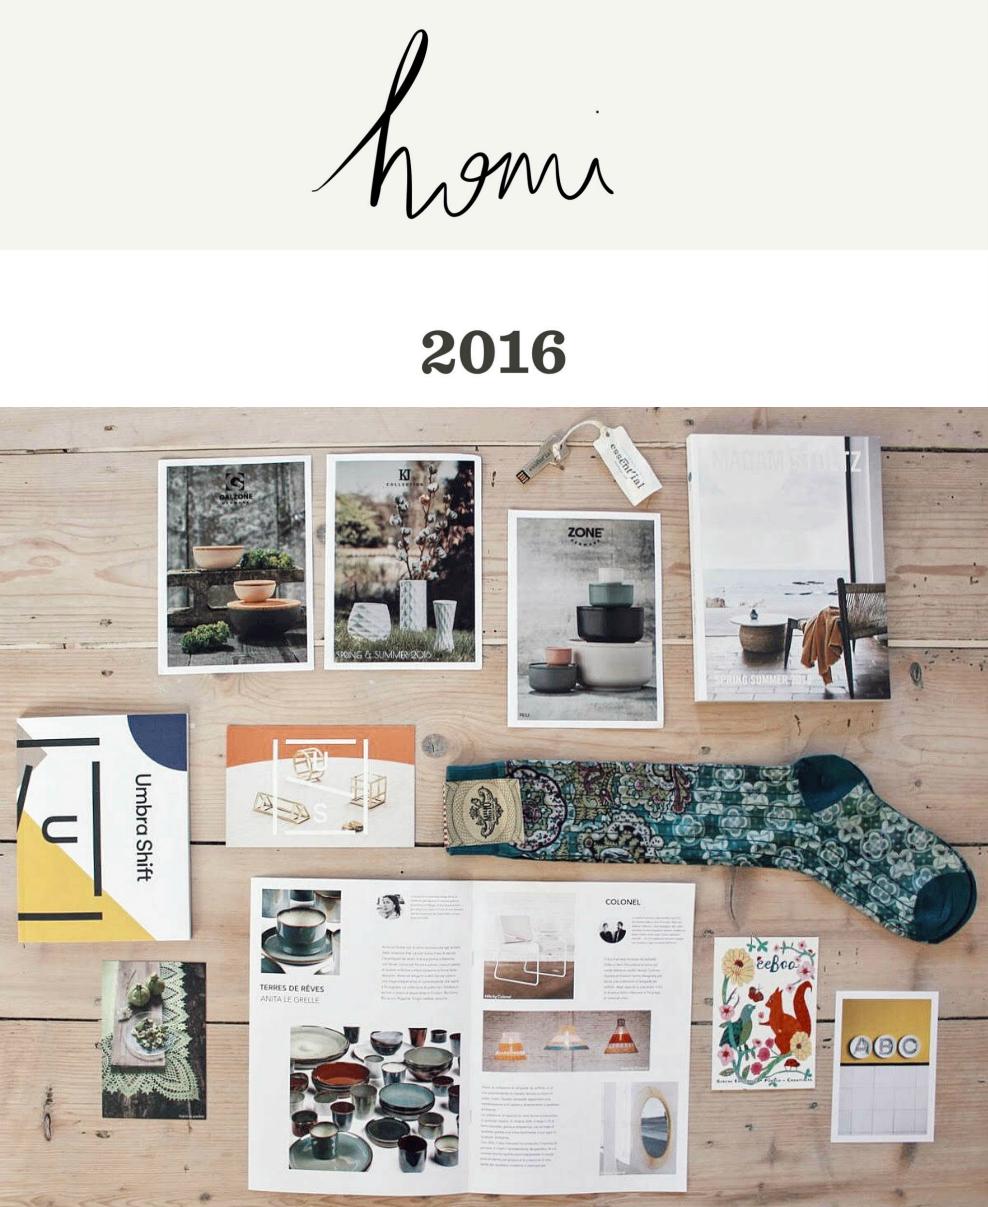 Homi 2016